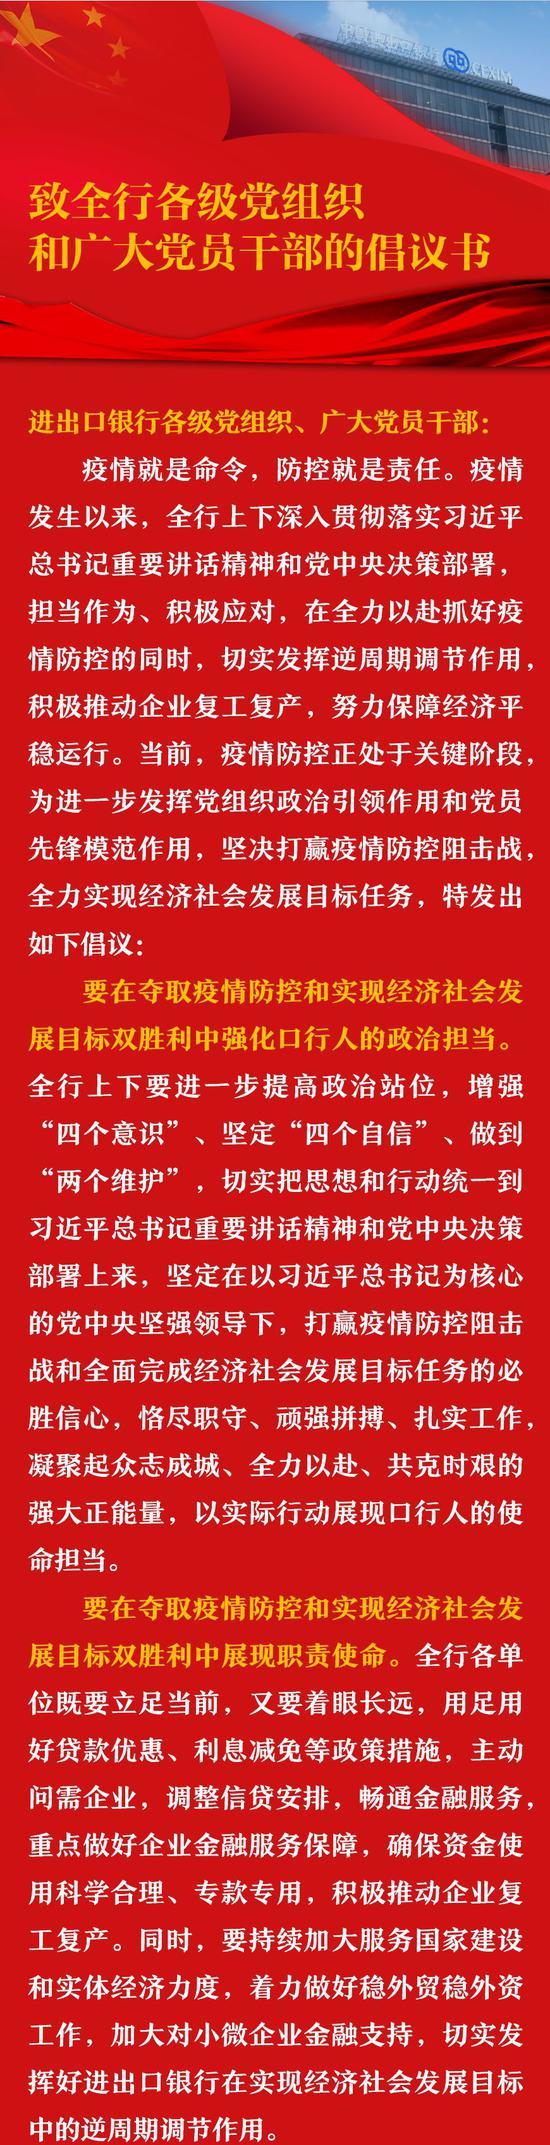 李子柒爆红超六成受访者认为推动了传统文化传播